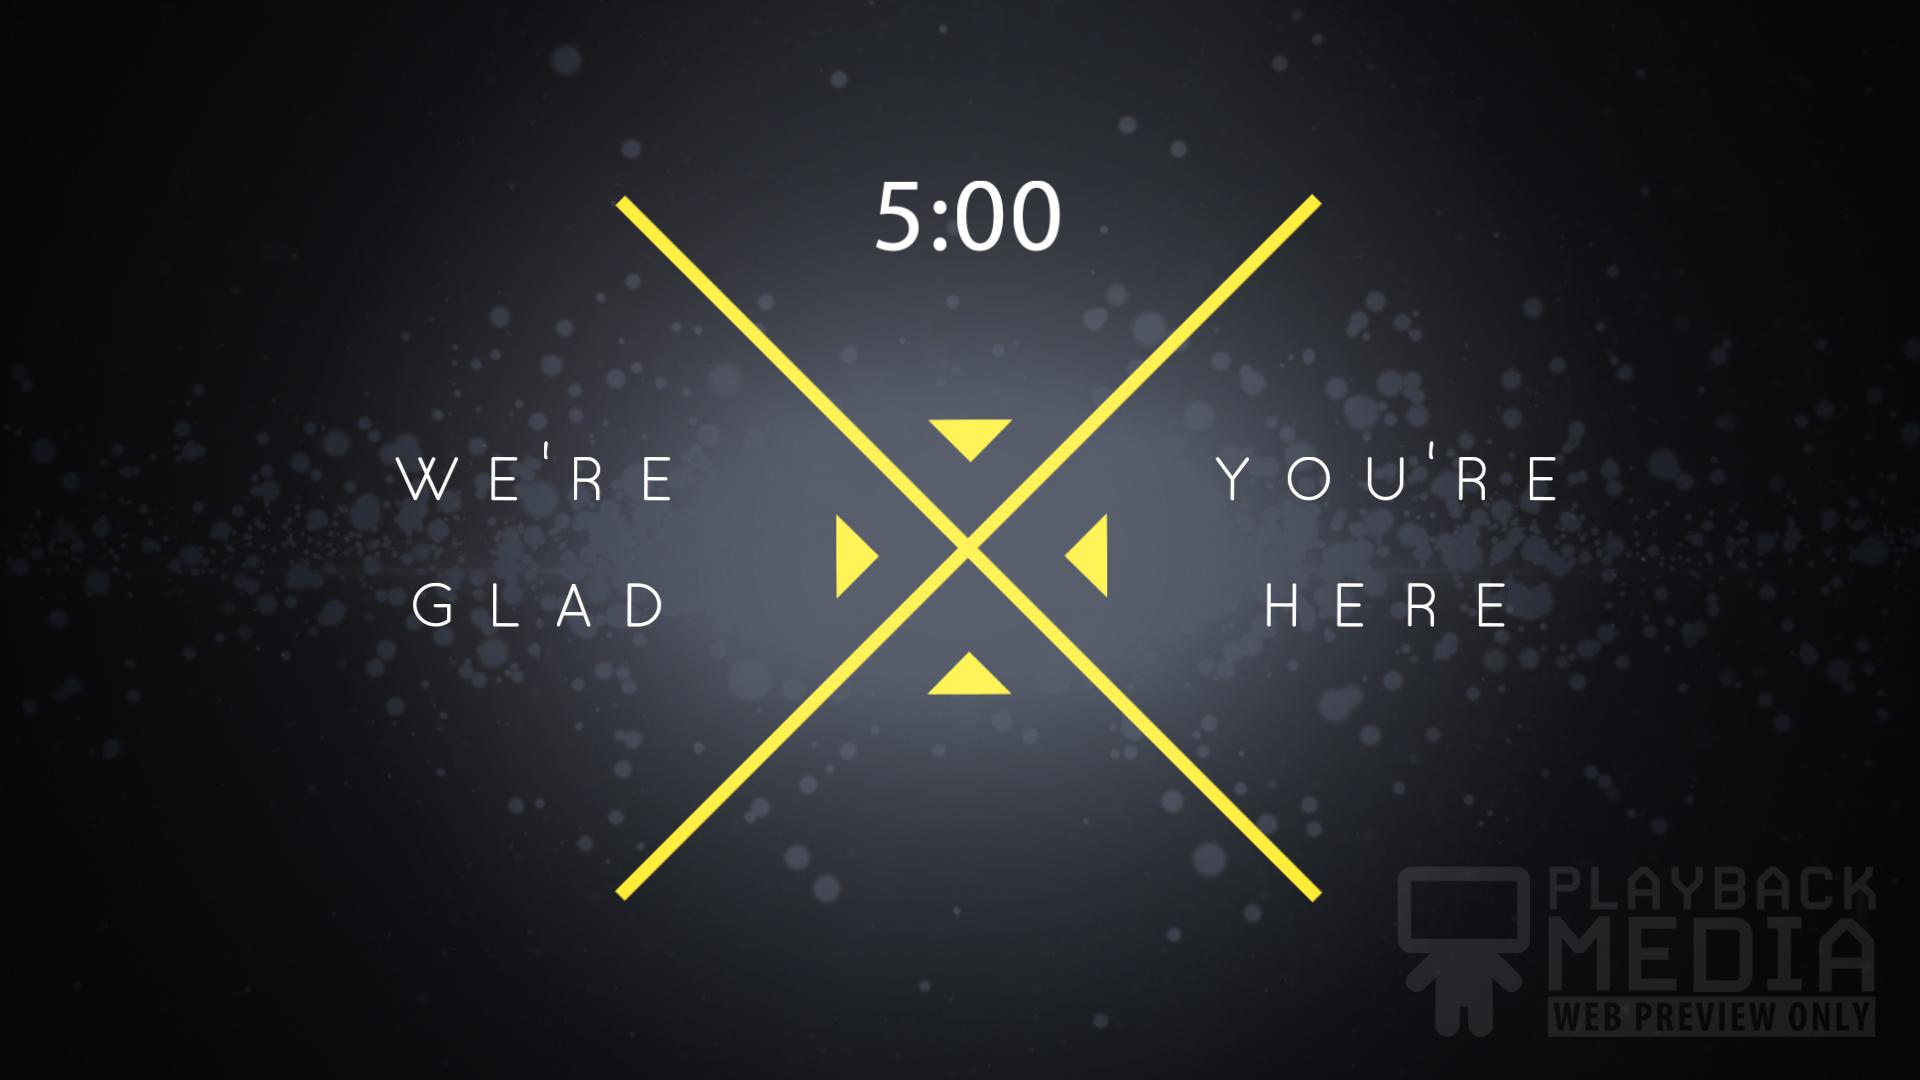 New Years Momentum Countdown Image